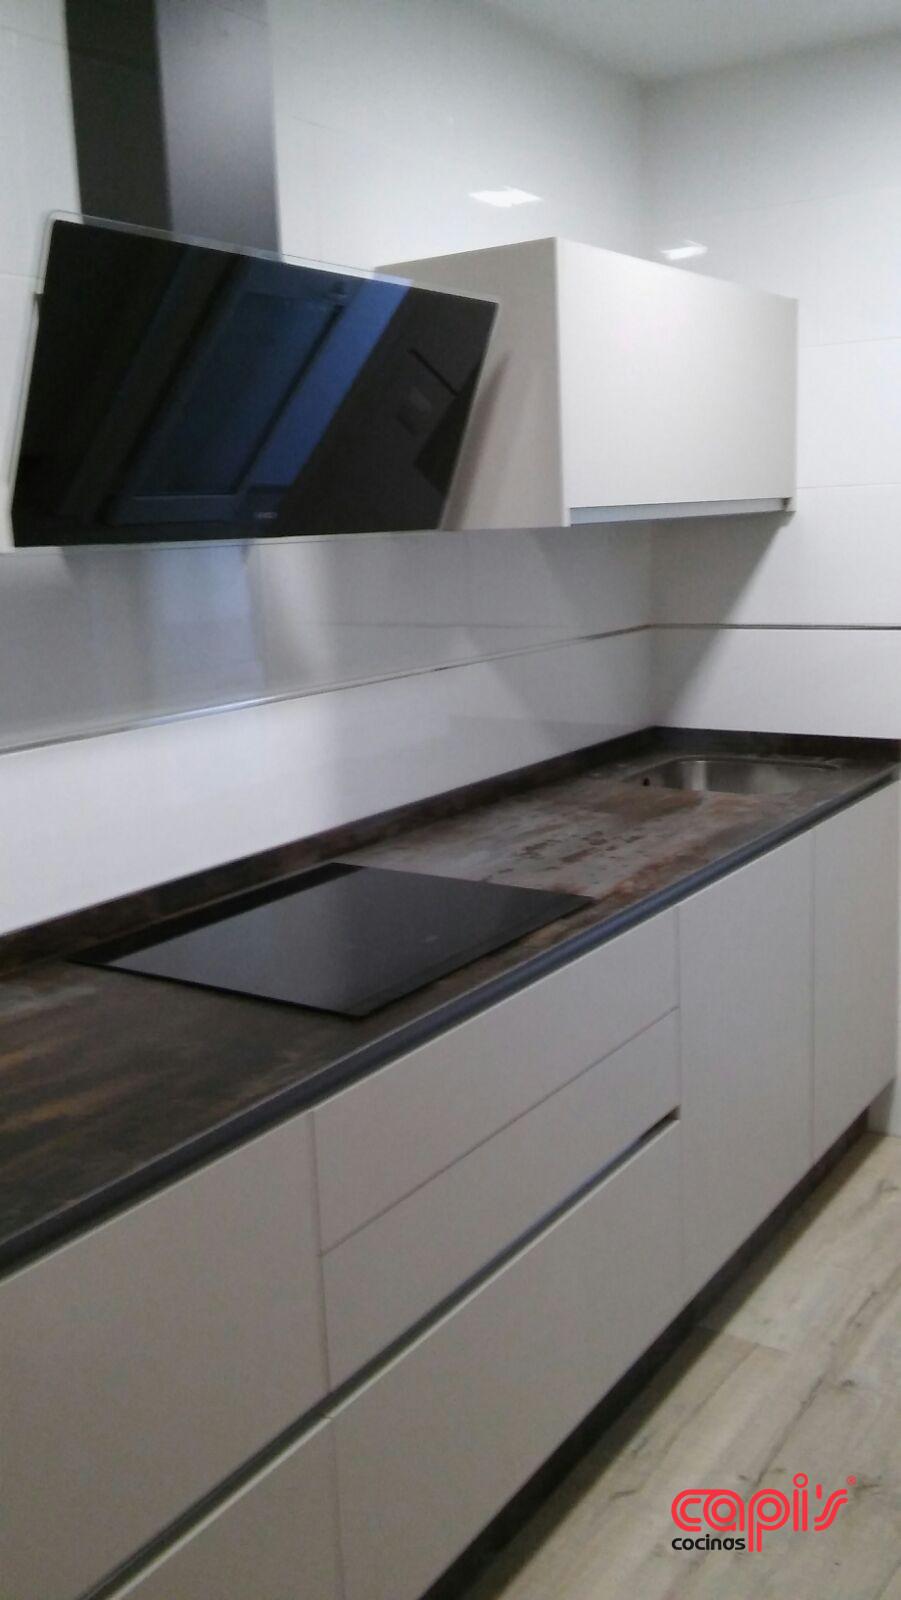 Encimeras de cocina de formica good cmo pintar y renovar - Encimeras laminadas de cocina ...